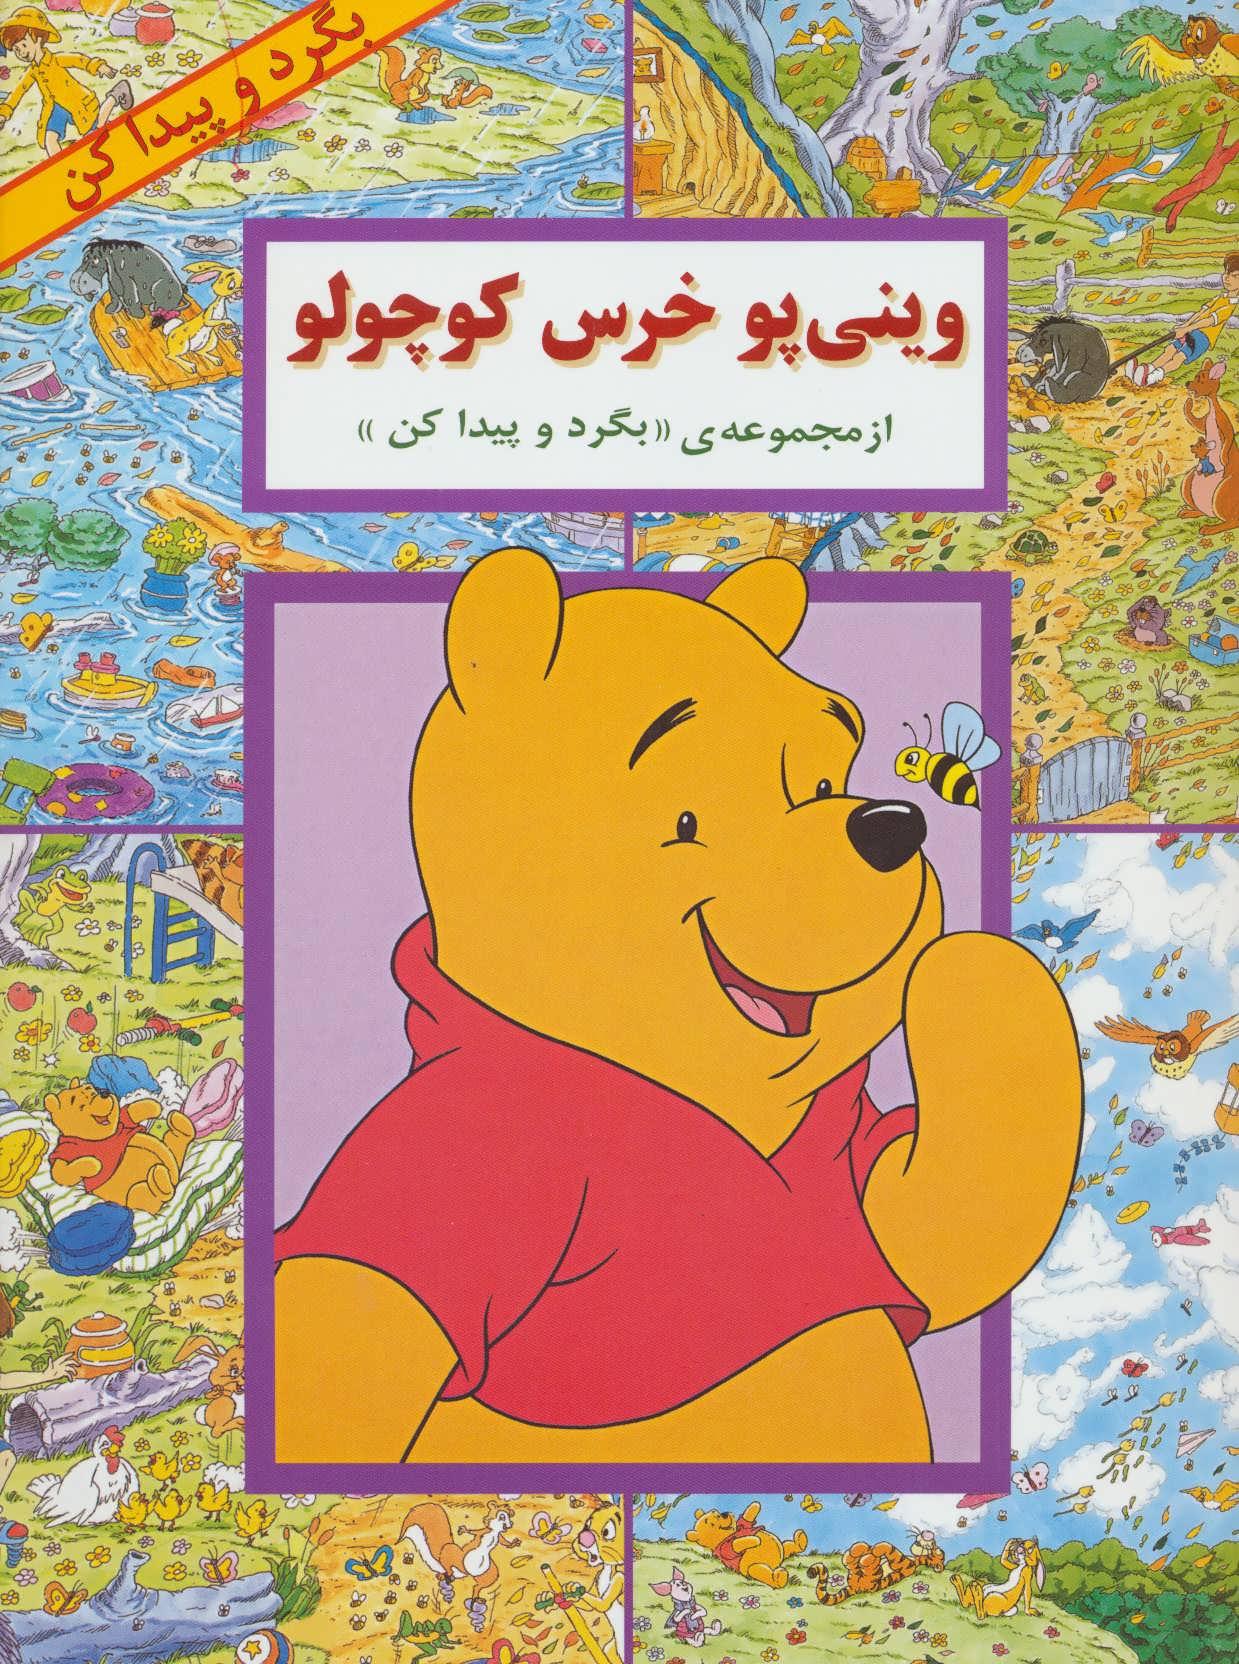 وینی پو خرس کوچولو (از مجموعه ی ((بگرد و پیدا کن)))